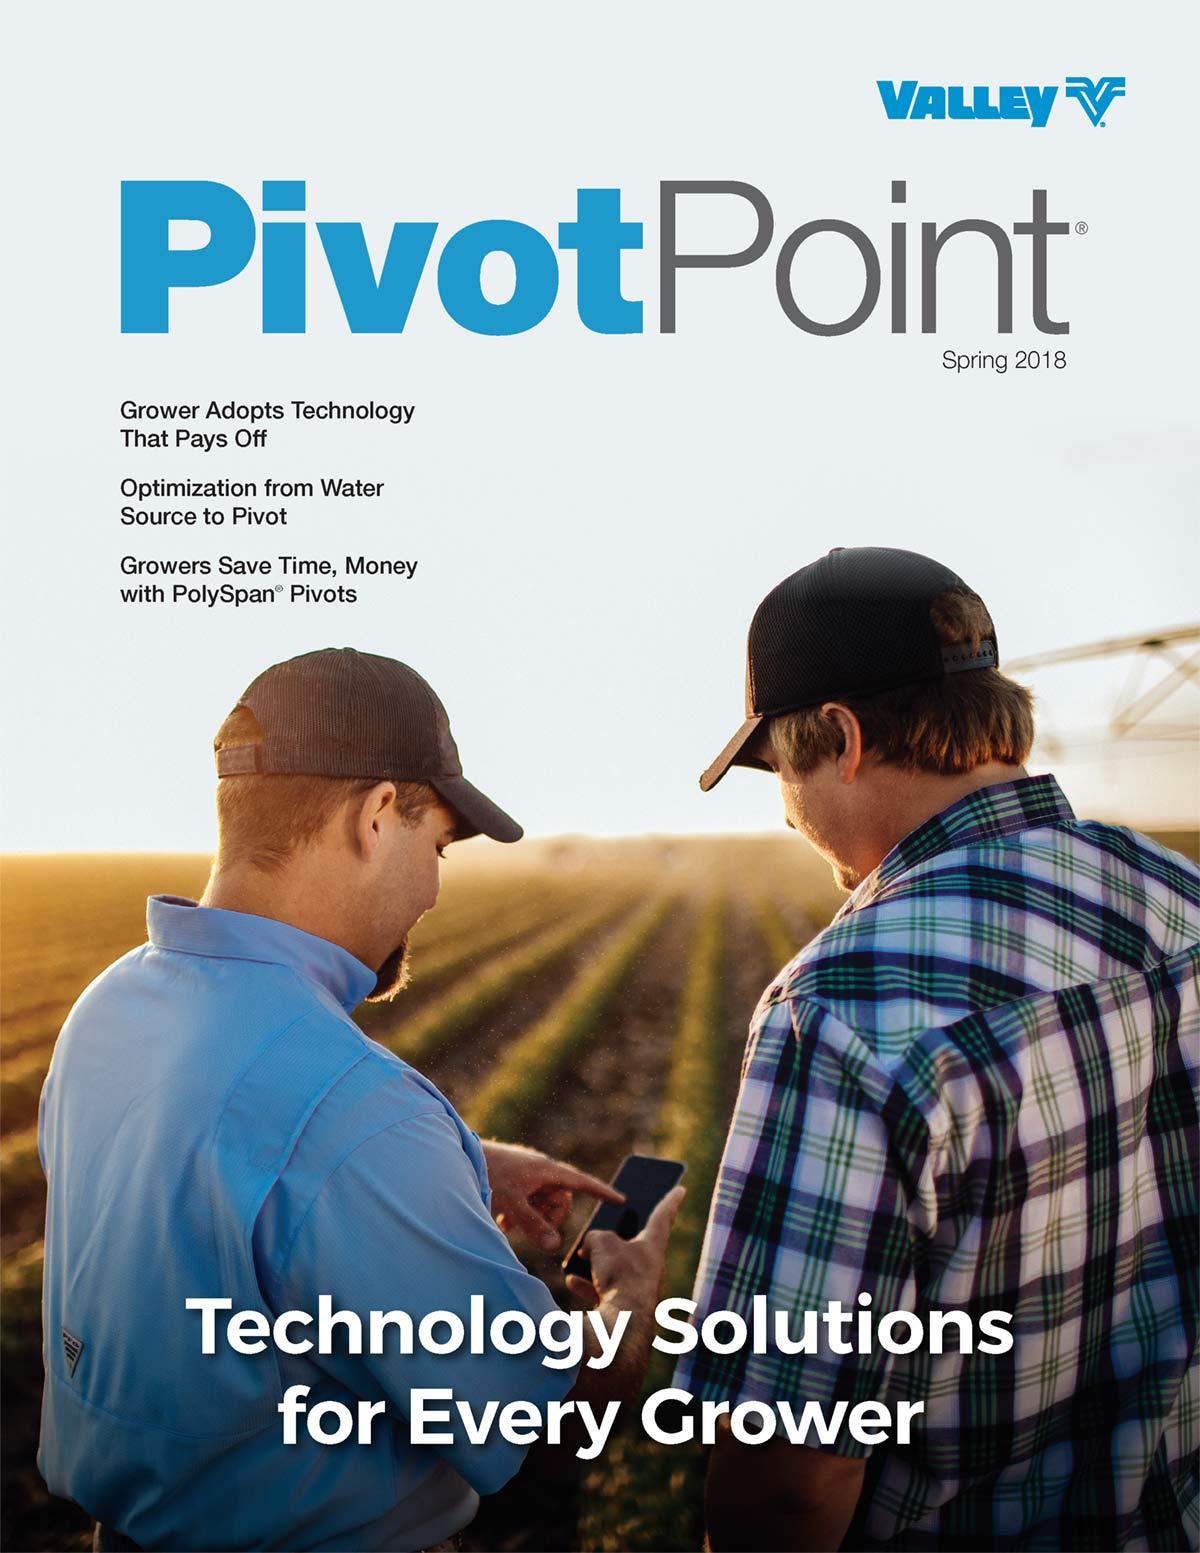 valley pivotpoint magazine spring 2018